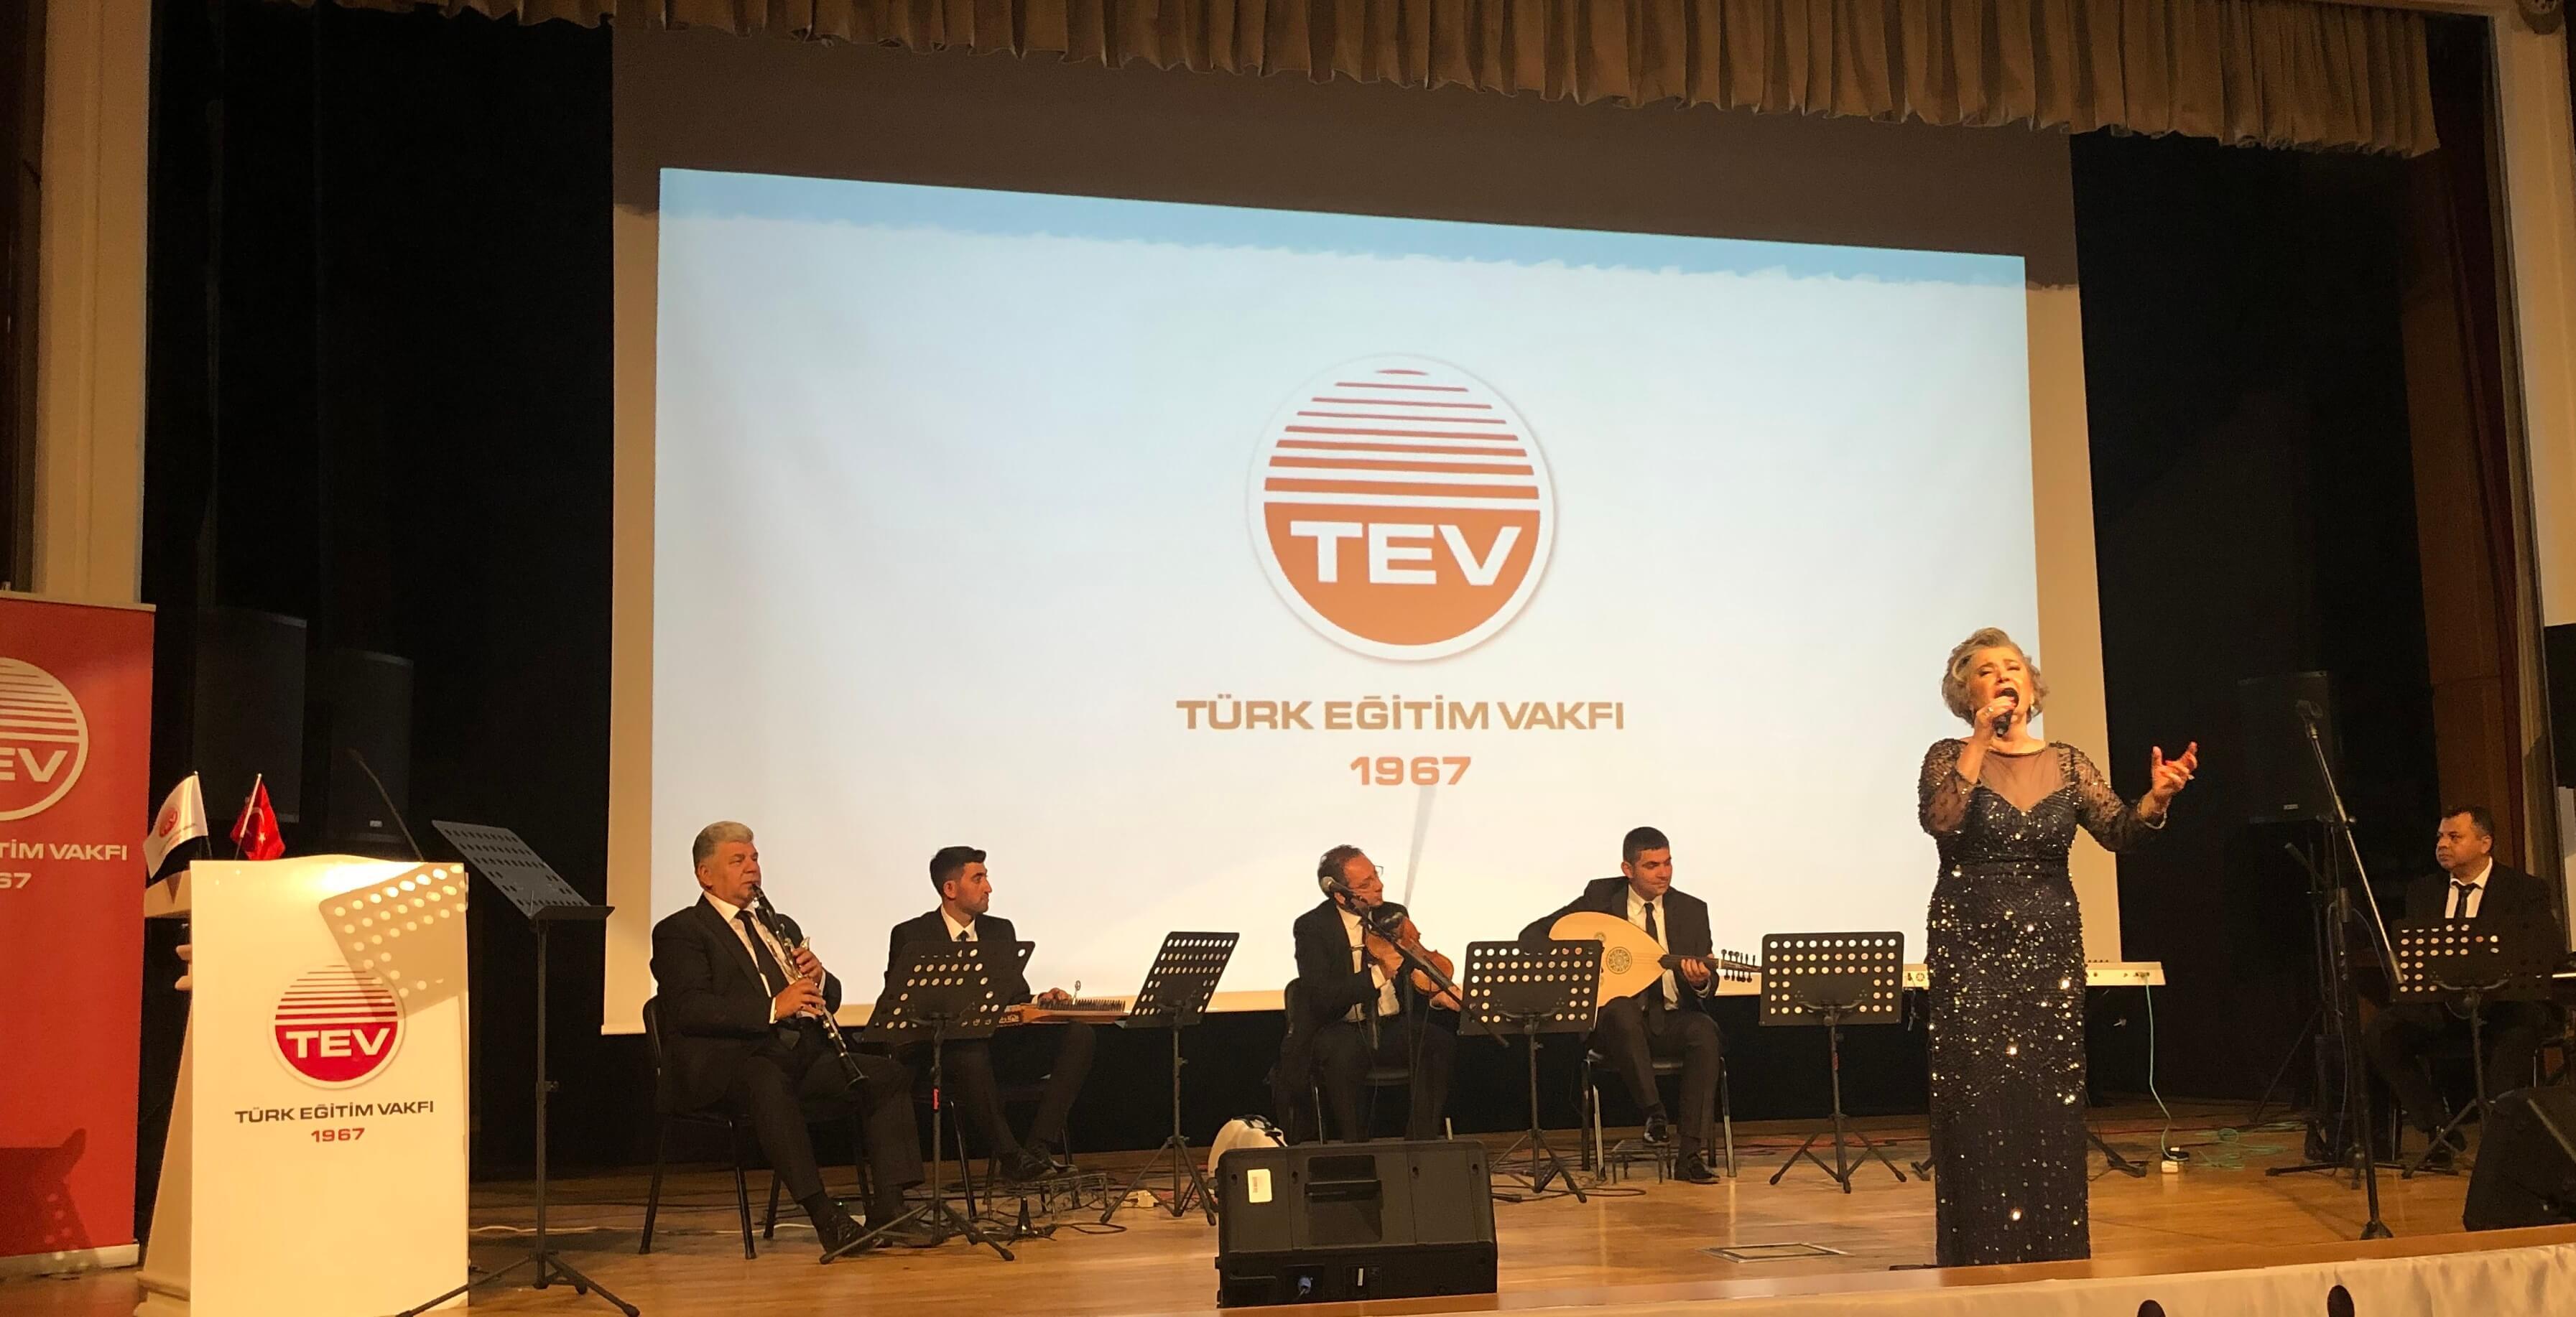 Türk Eğitim Vakfı Bağışçısı, Türk Müziği'nin Unutulmaz İsmi Safiye Ayla Kayseri'de Unutulmadı!